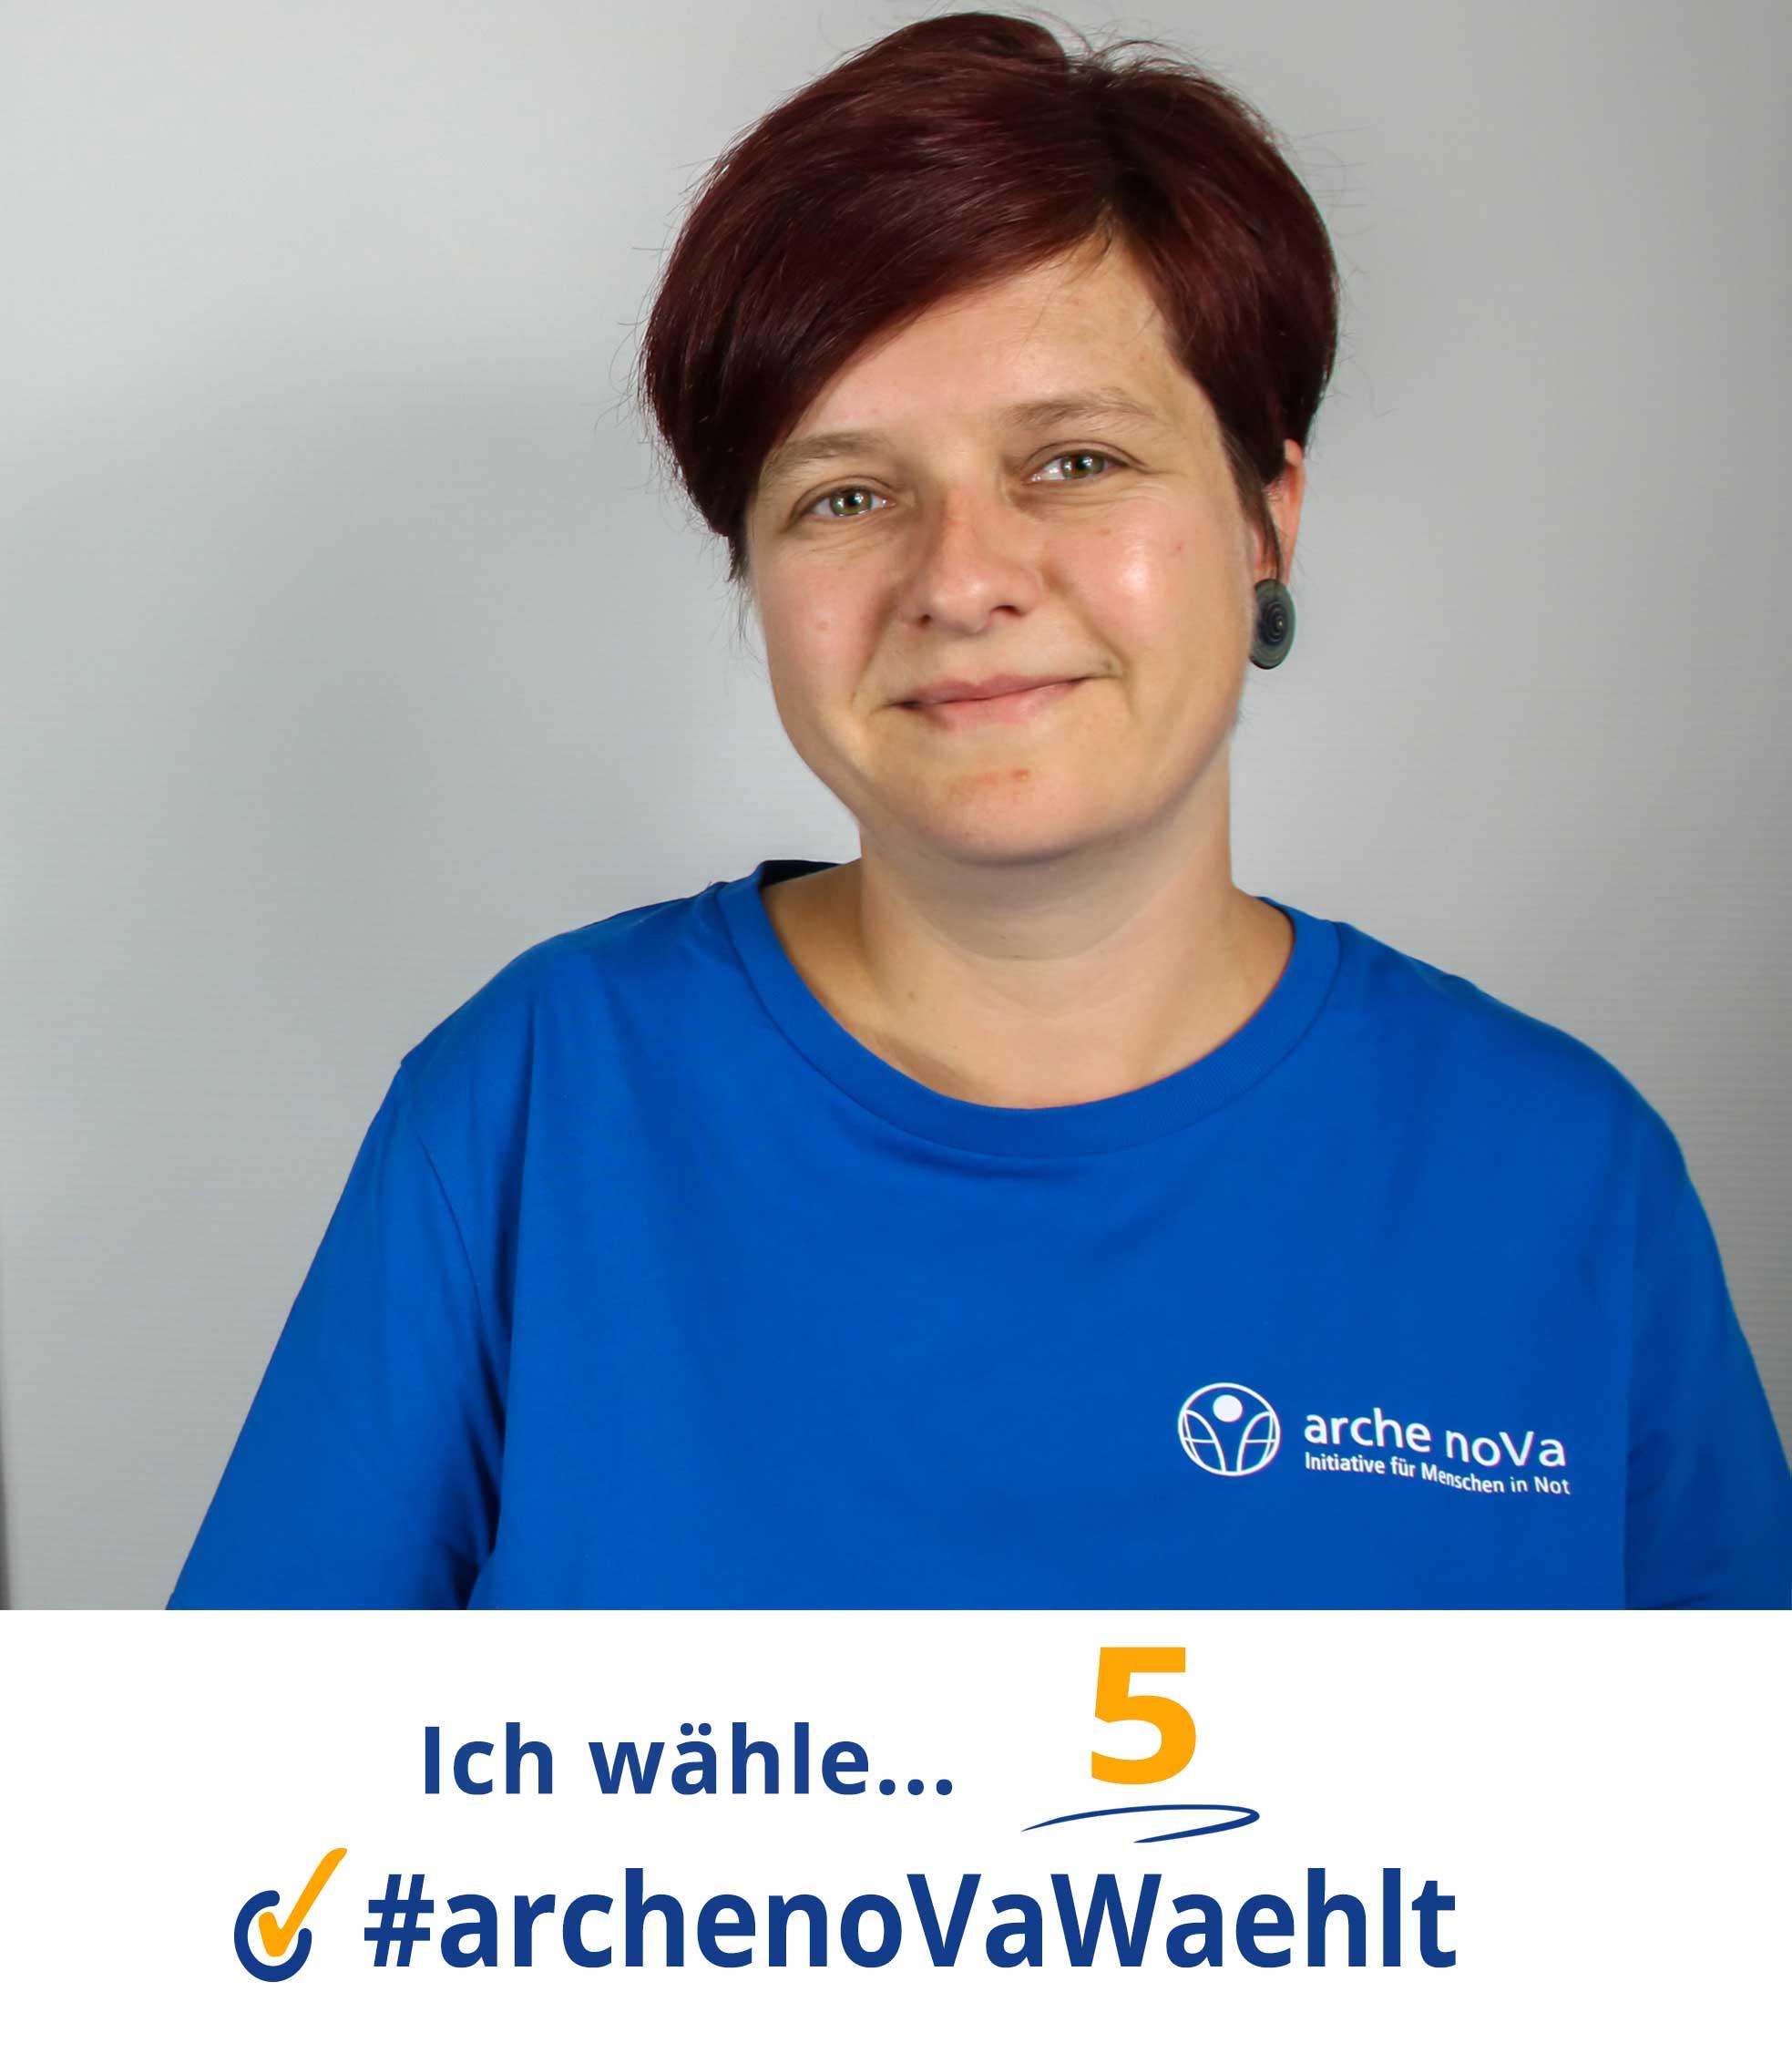 Claudia - arche noVa w?hlt zur Landtagswahl in Sachsen 2019